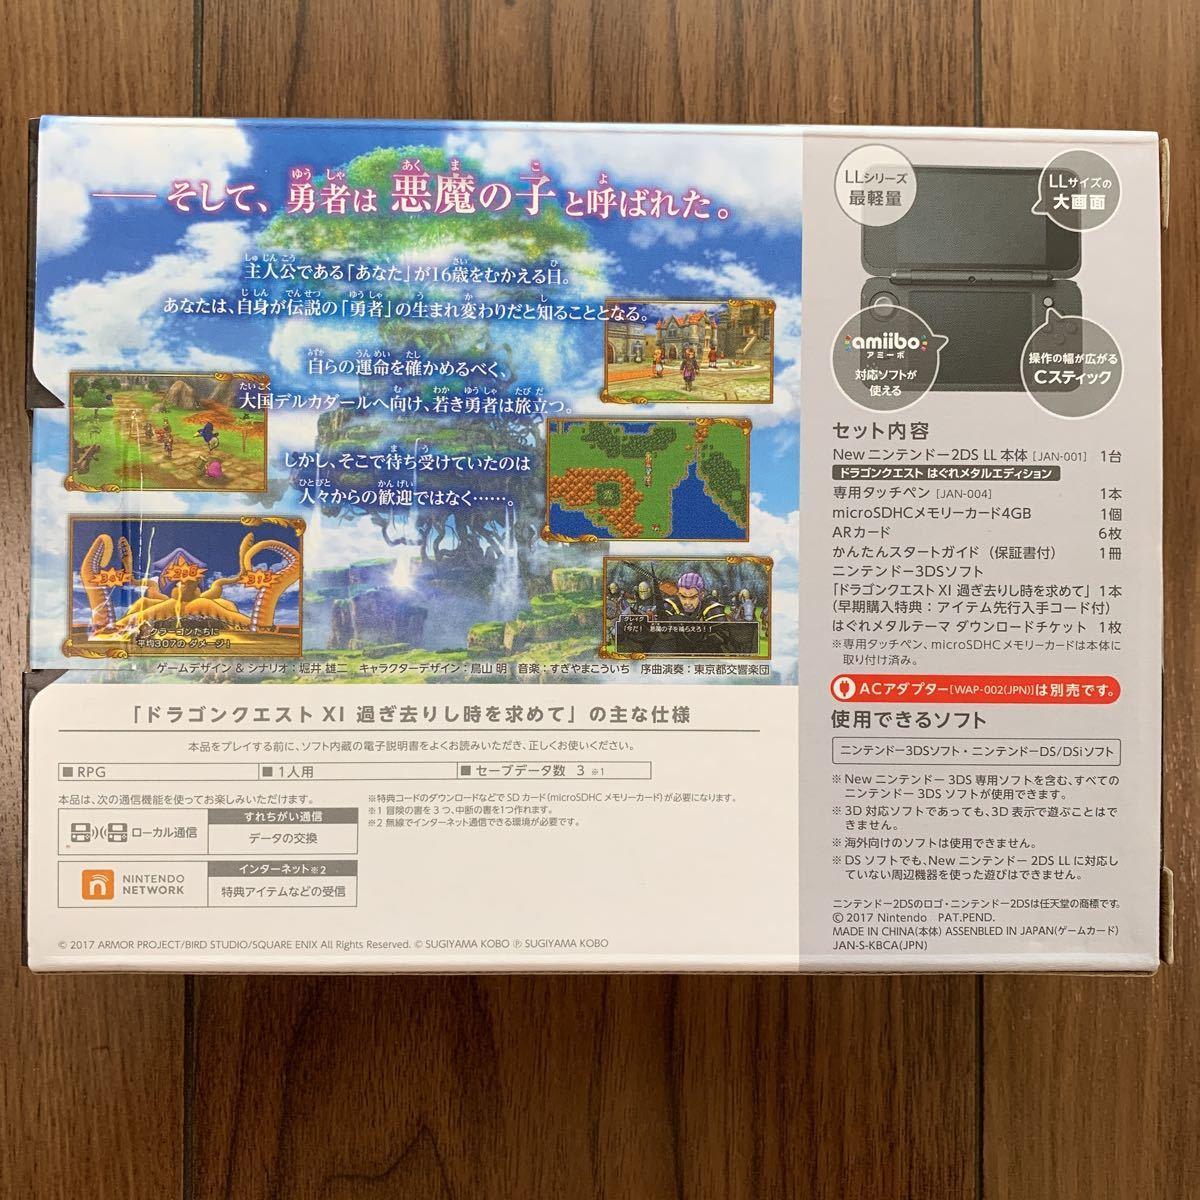 【新品未開封】Newニンテンドー2DS LL ドラゴンクエストはぐれメタルエディション 任天堂 nintendo_画像2